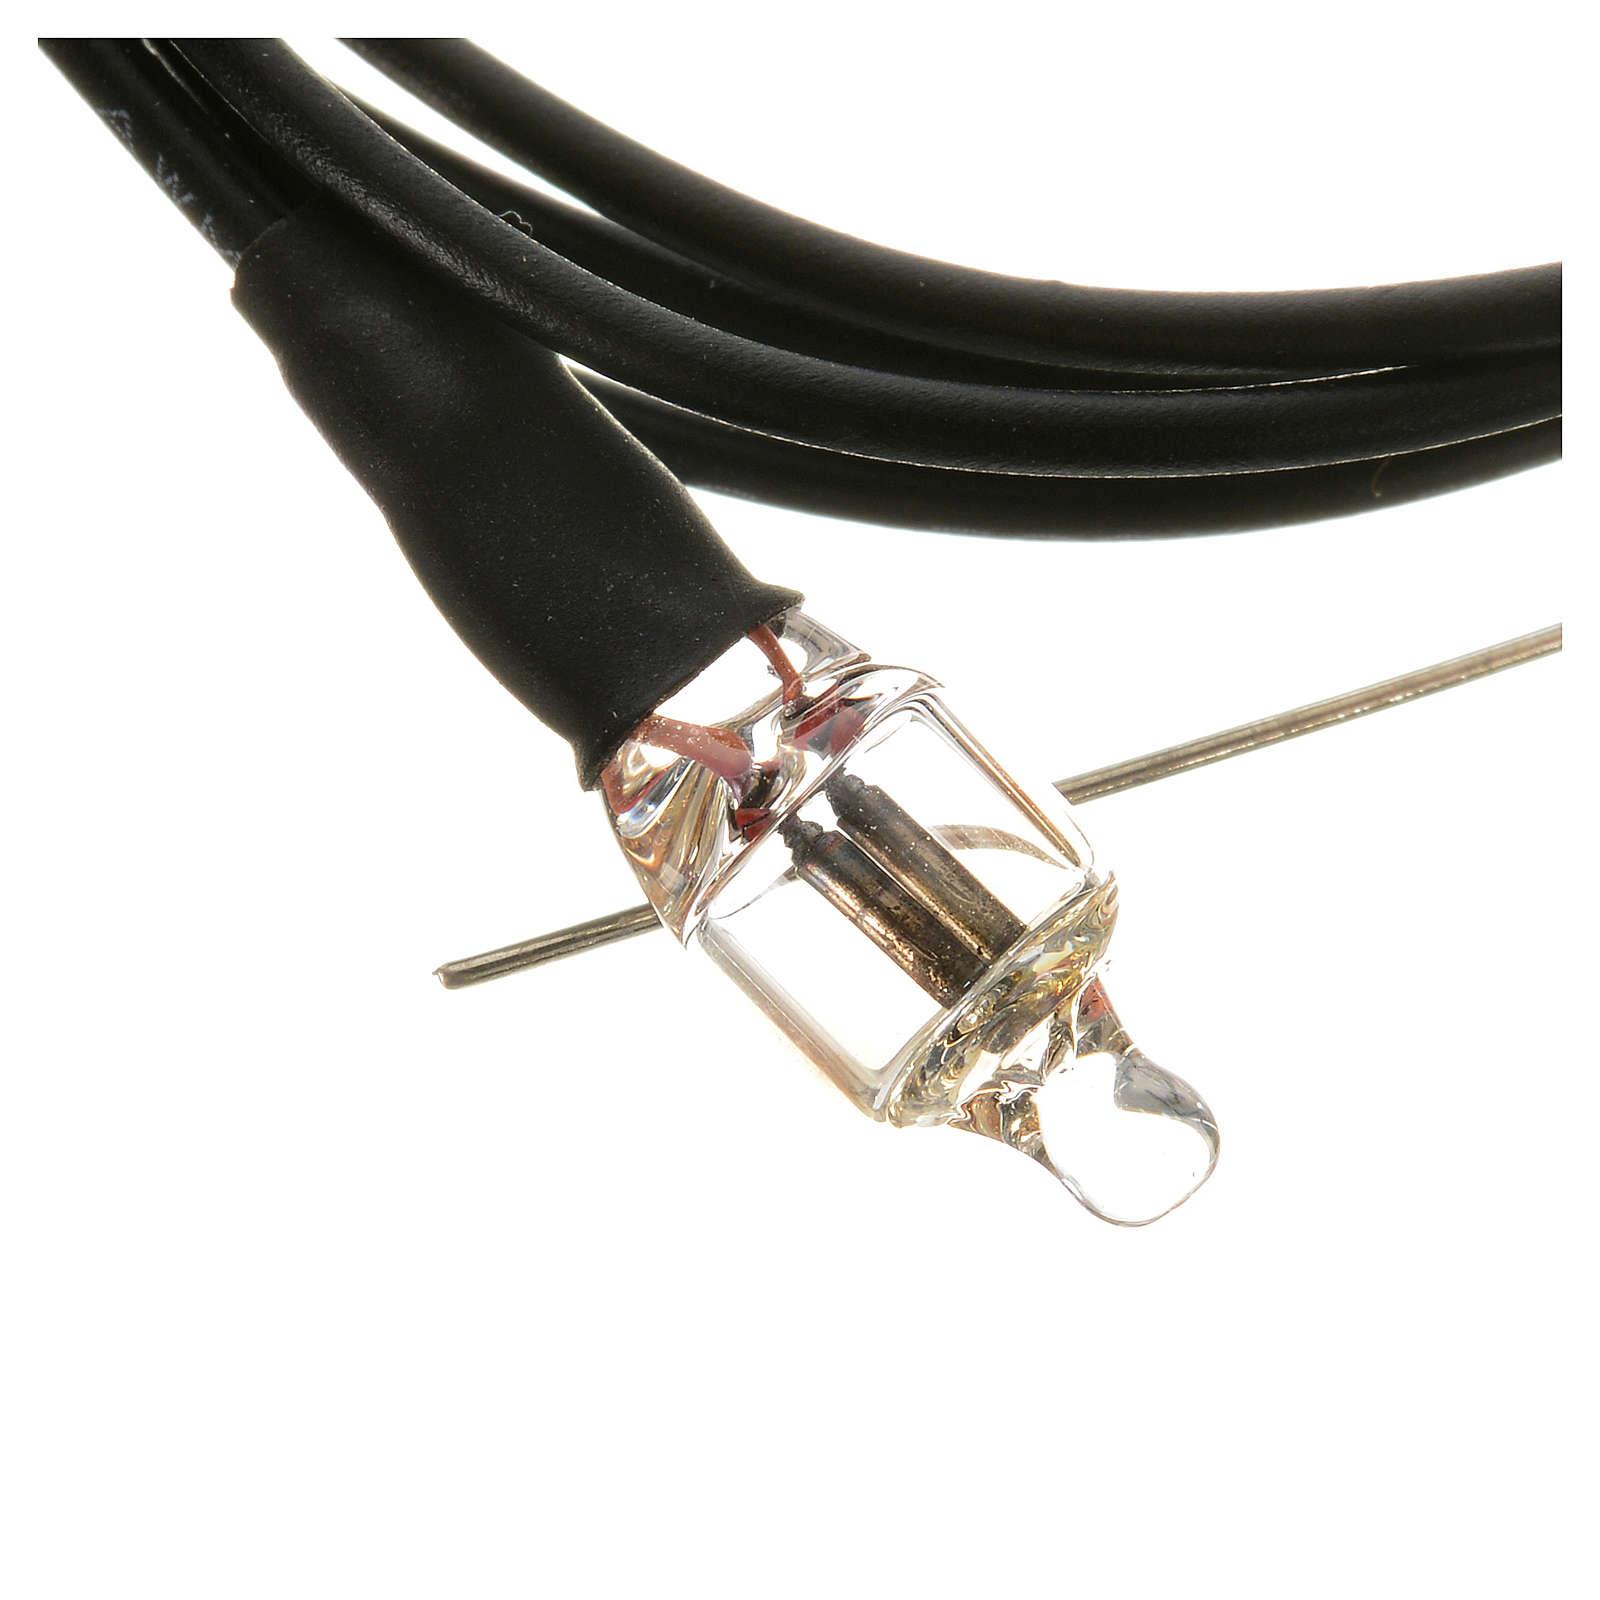 Microlampada neon volt 220 diam 6 mm con fili cm 20 4